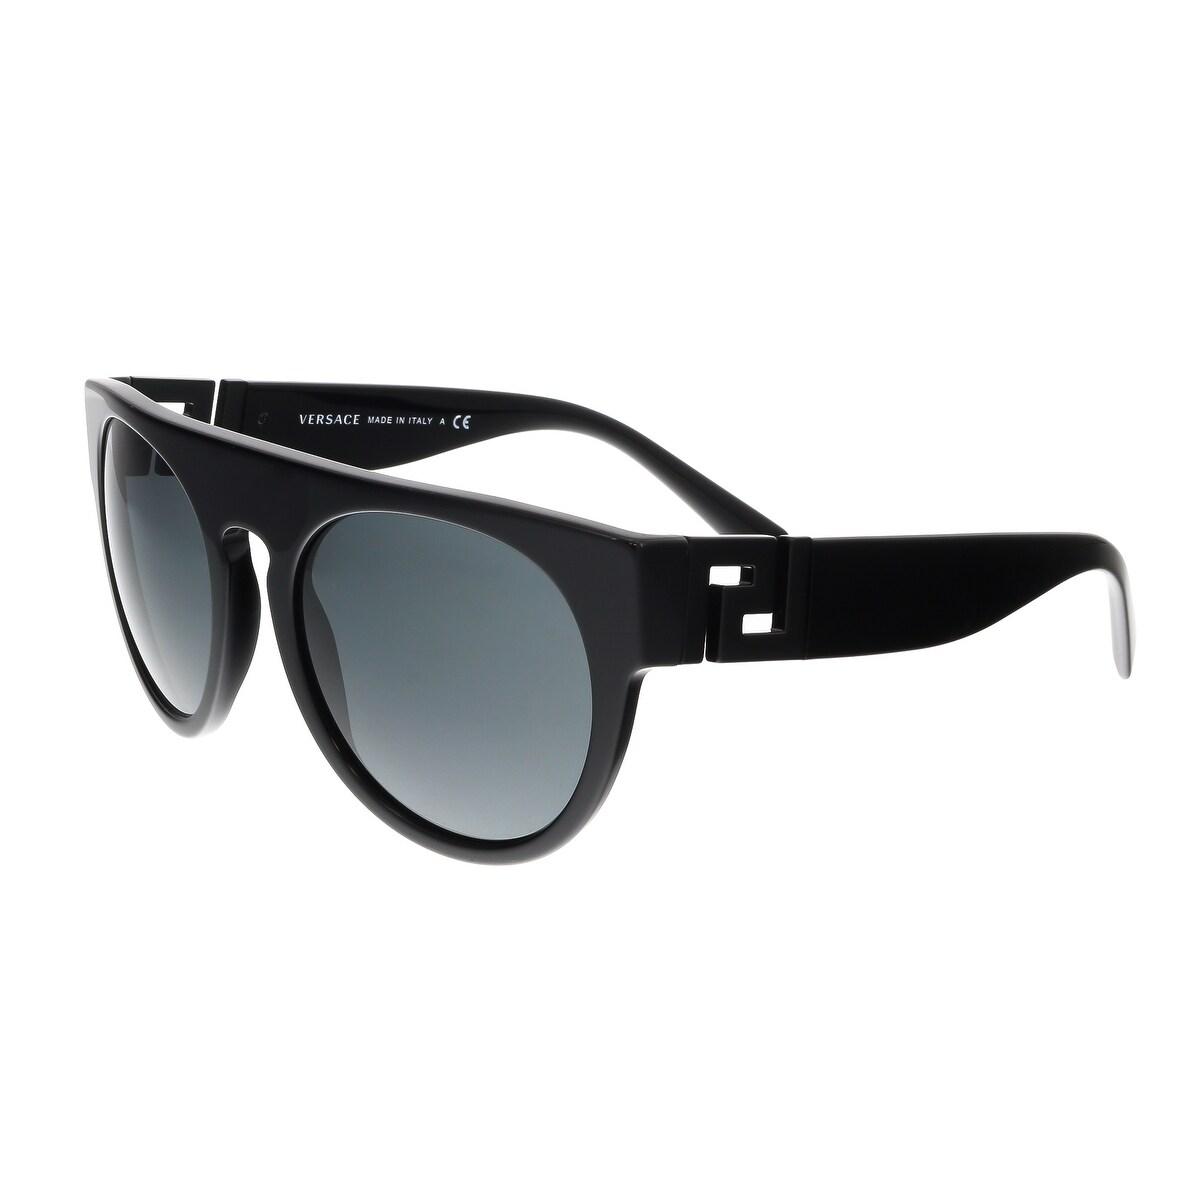 14f913ea8c Versace Men s Sunglasses